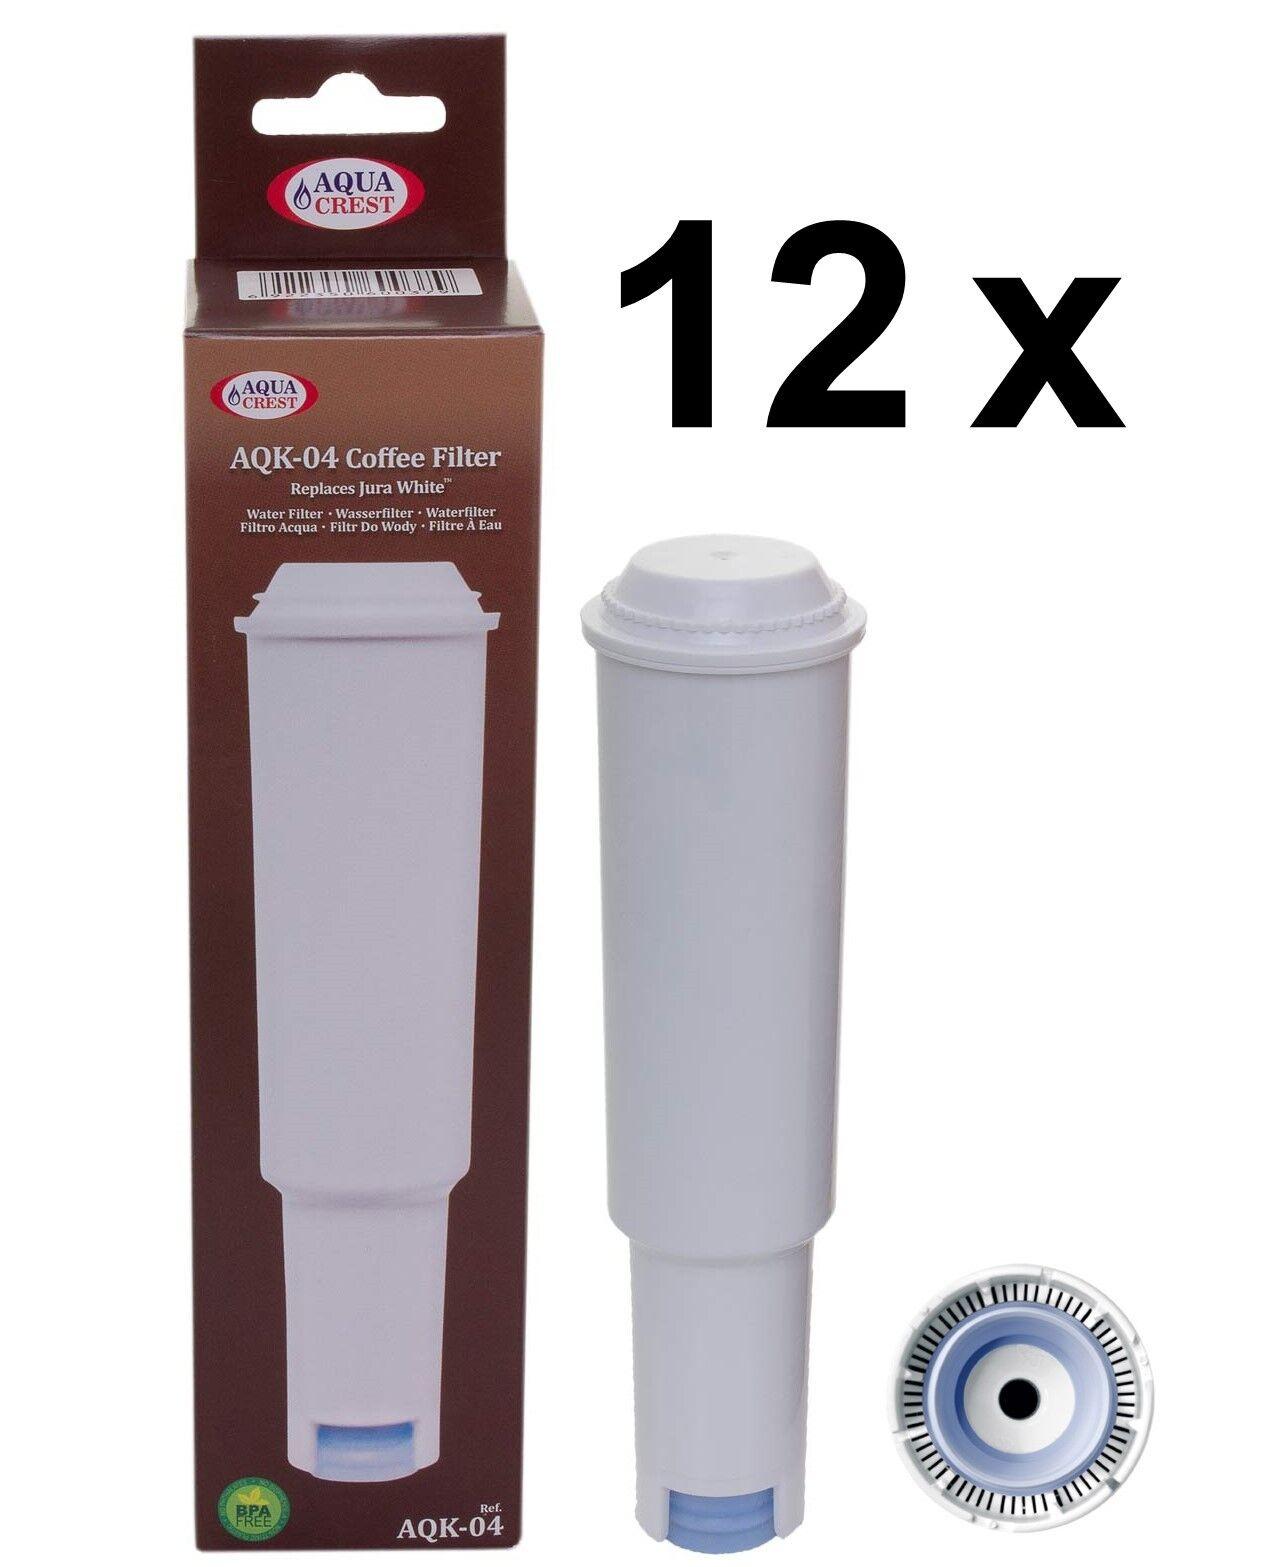 12 x Filter voituretridges aqk-04 Compatible Jura Impressa blanc nouveau